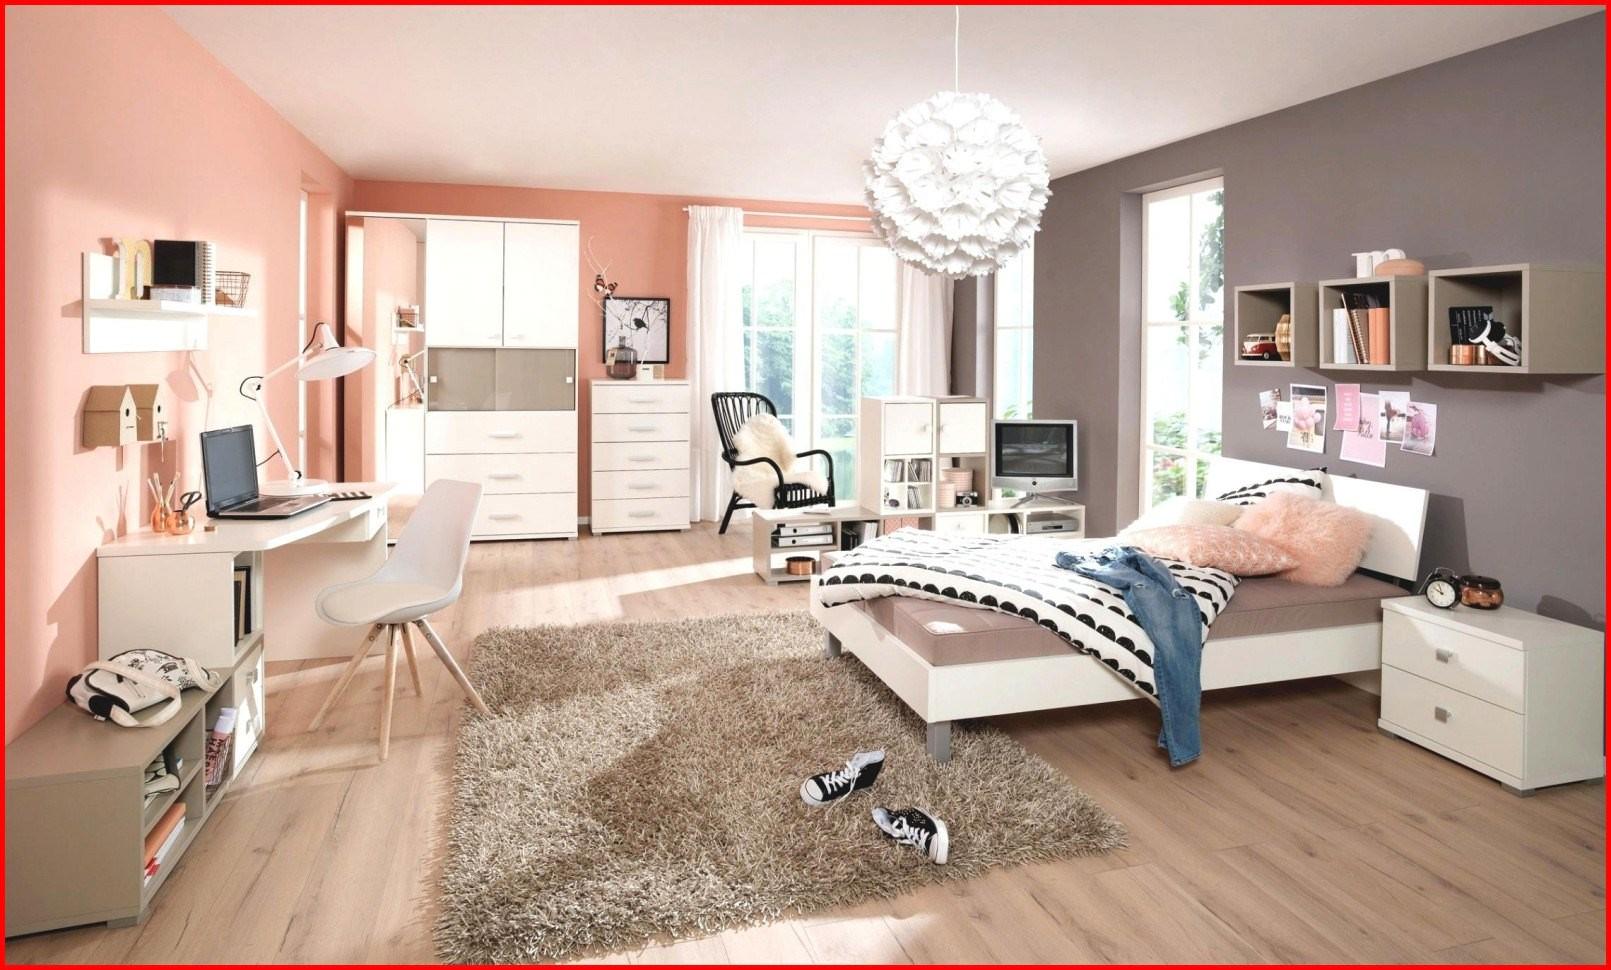 Full Size of Ikea Jugendzimmer Fur Madchen Betten 160x200 Bett Küche Kosten Miniküche Sofa Mit Schlaffunktion Kaufen Modulküche Bei Wohnzimmer Ikea Jugendzimmer